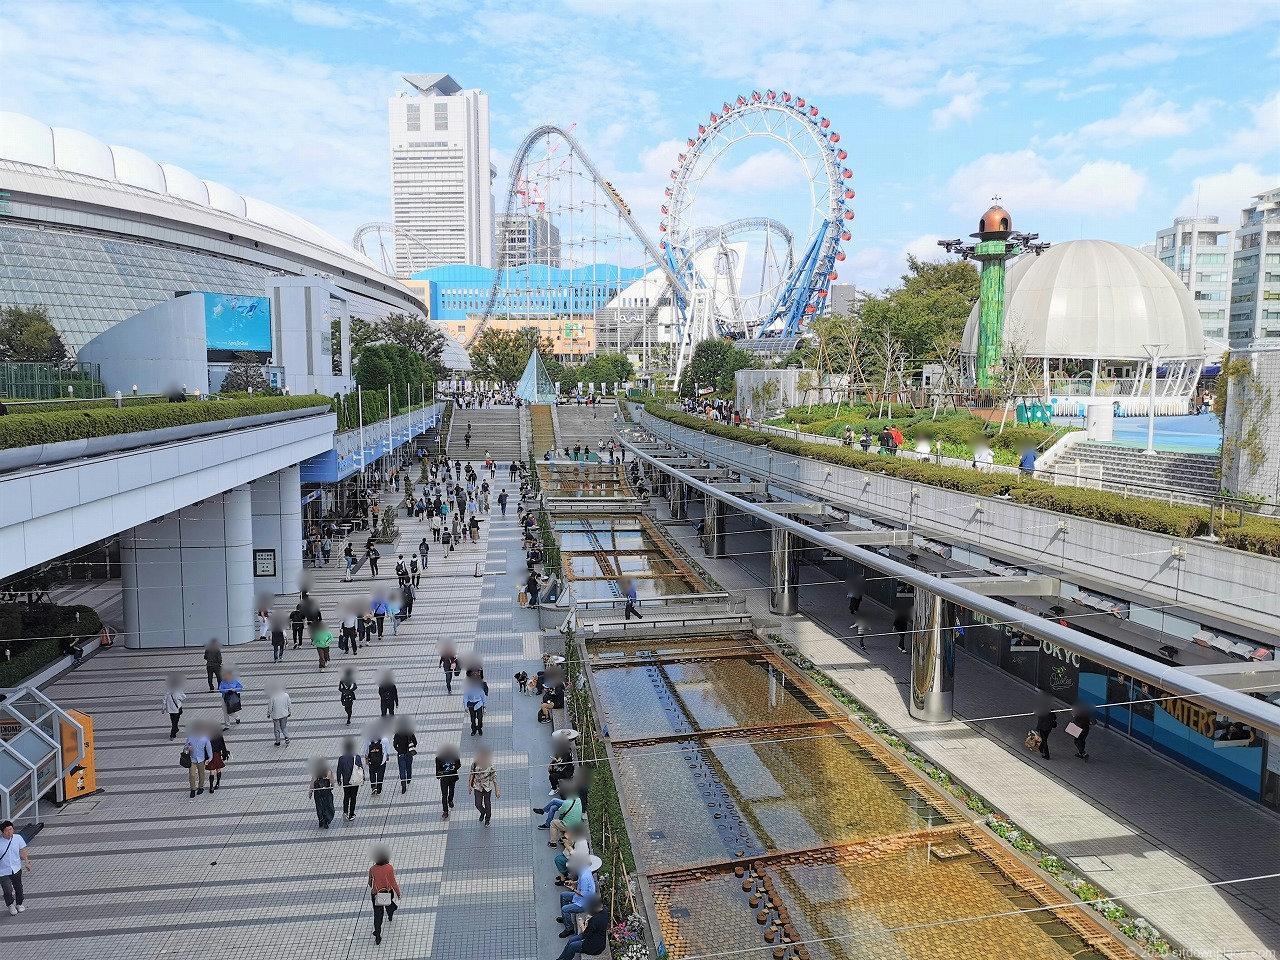 水道橋駅 東京ドームシティ クリスタルアベニューの外観1